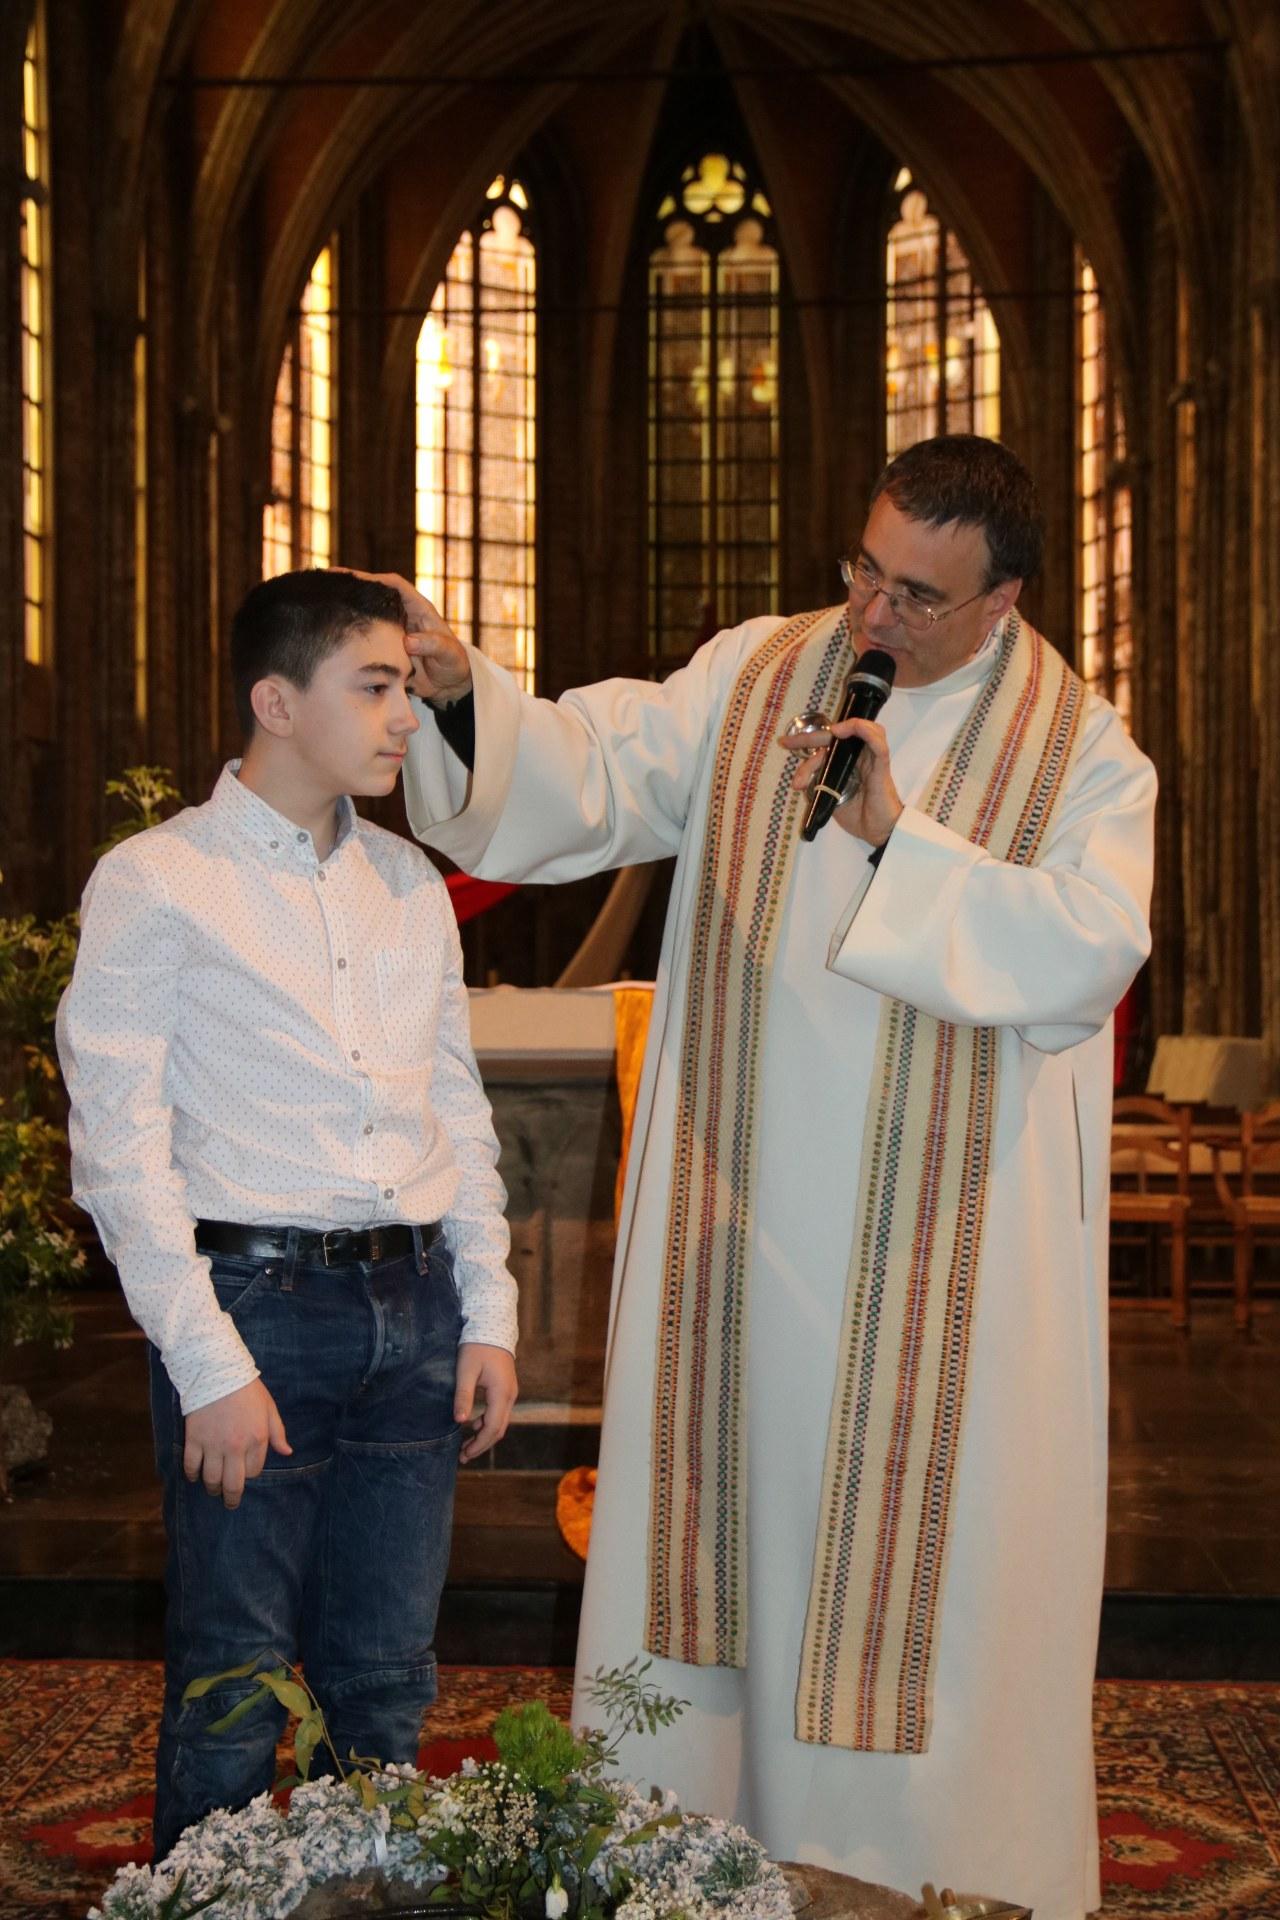 1905_Célébration de baptêmes (collégiens) 37